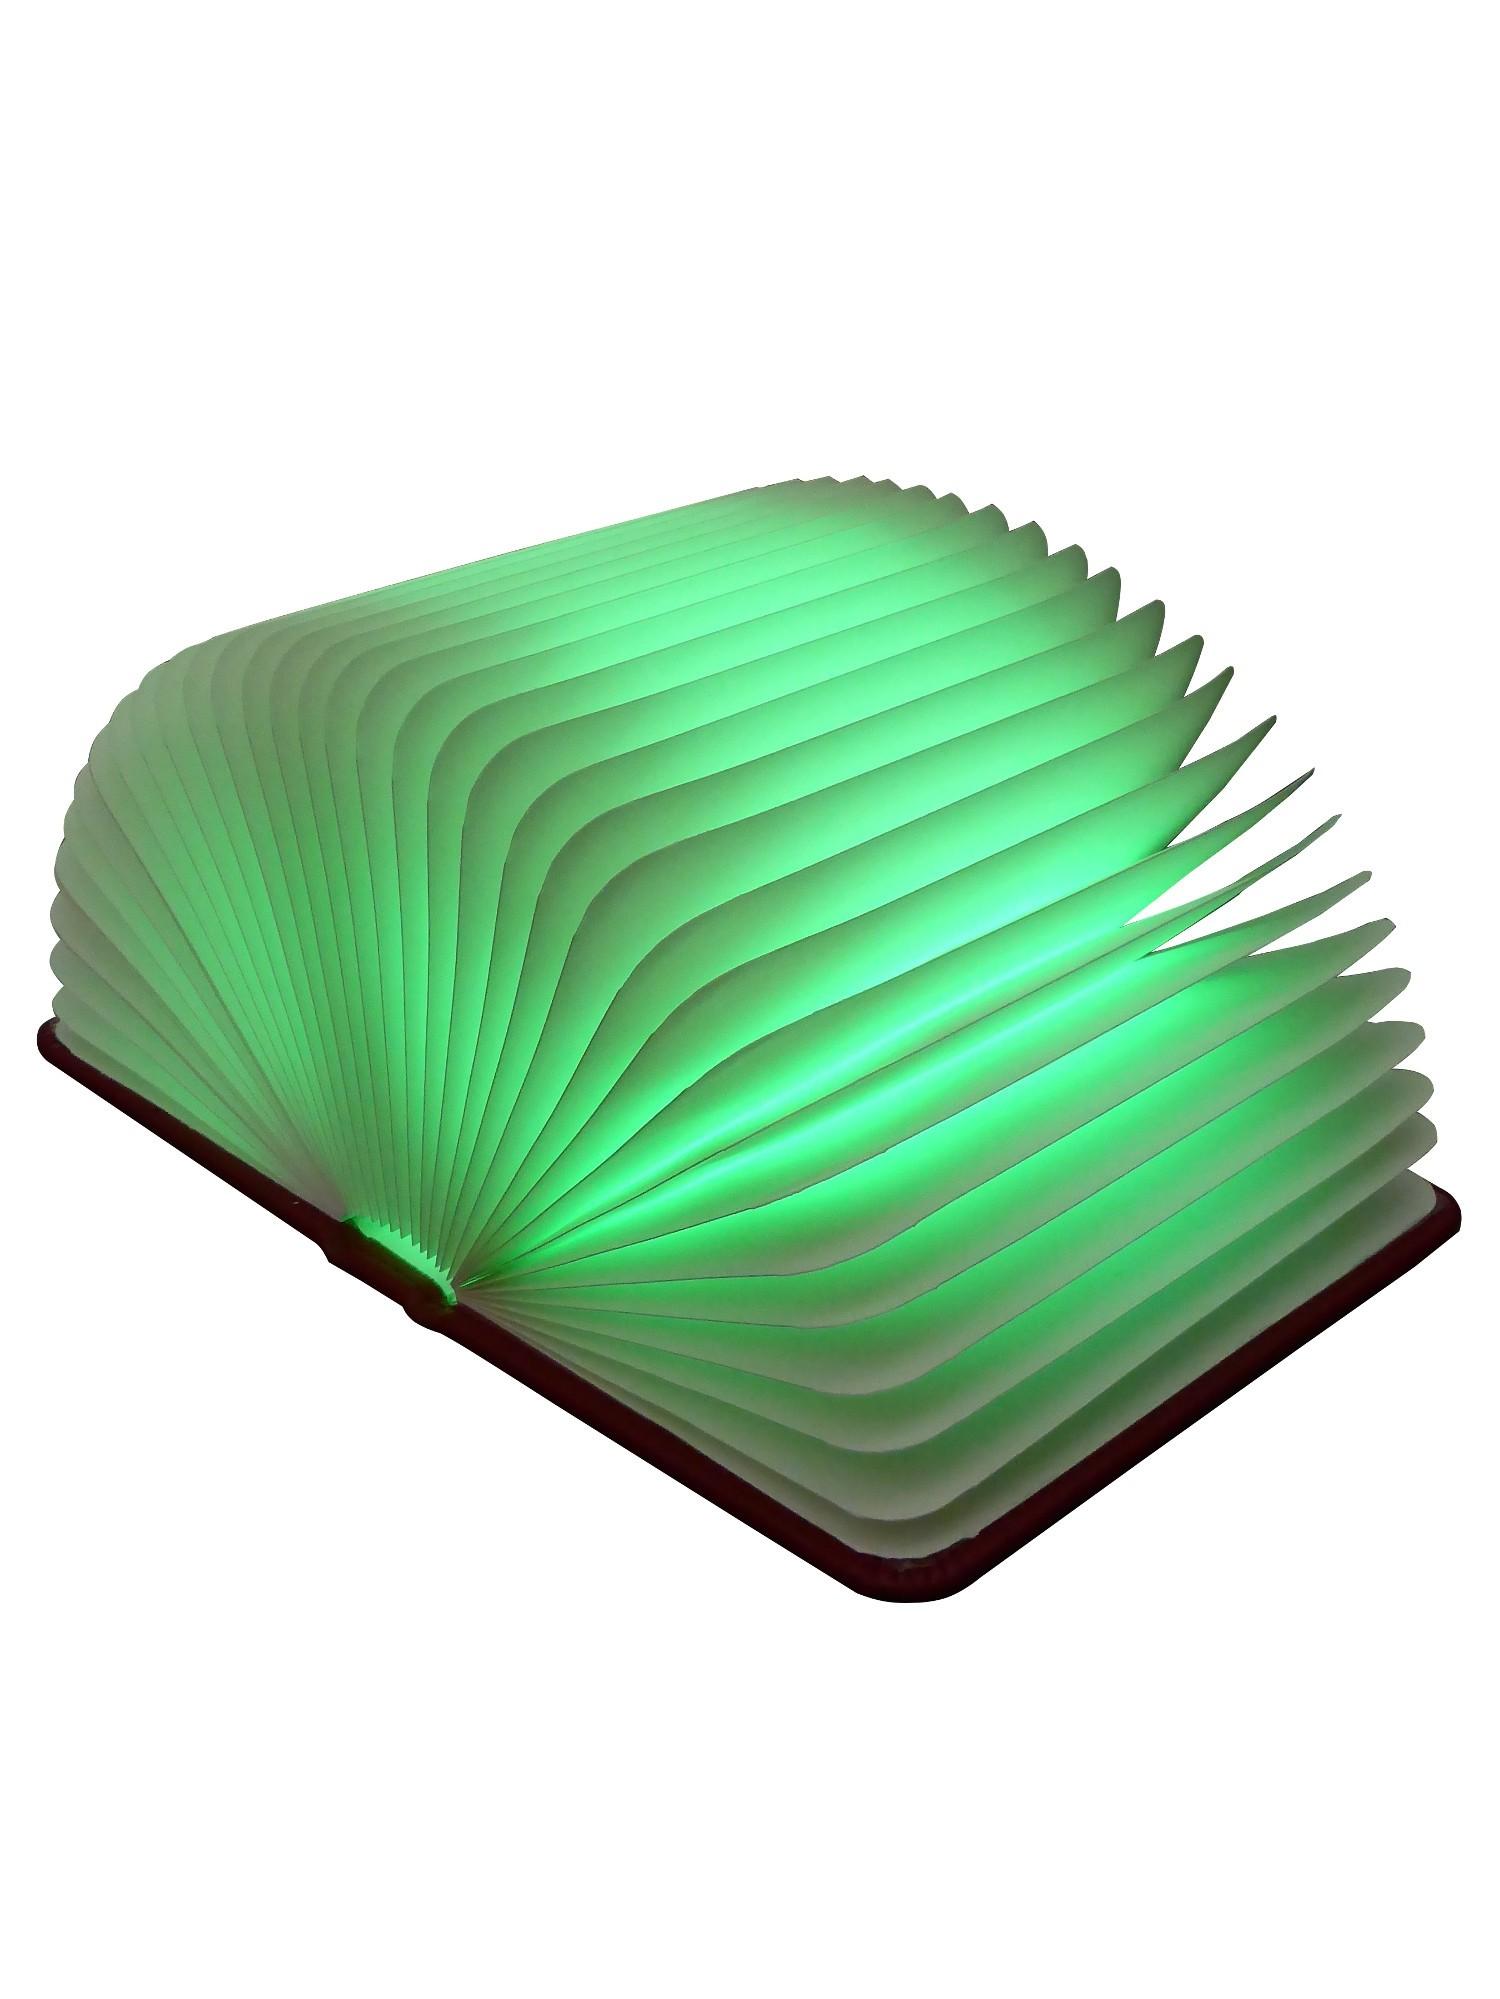 die einzigartige design lampe in buchform f r ein stimmungsvolles orientierungs licht. Black Bedroom Furniture Sets. Home Design Ideas